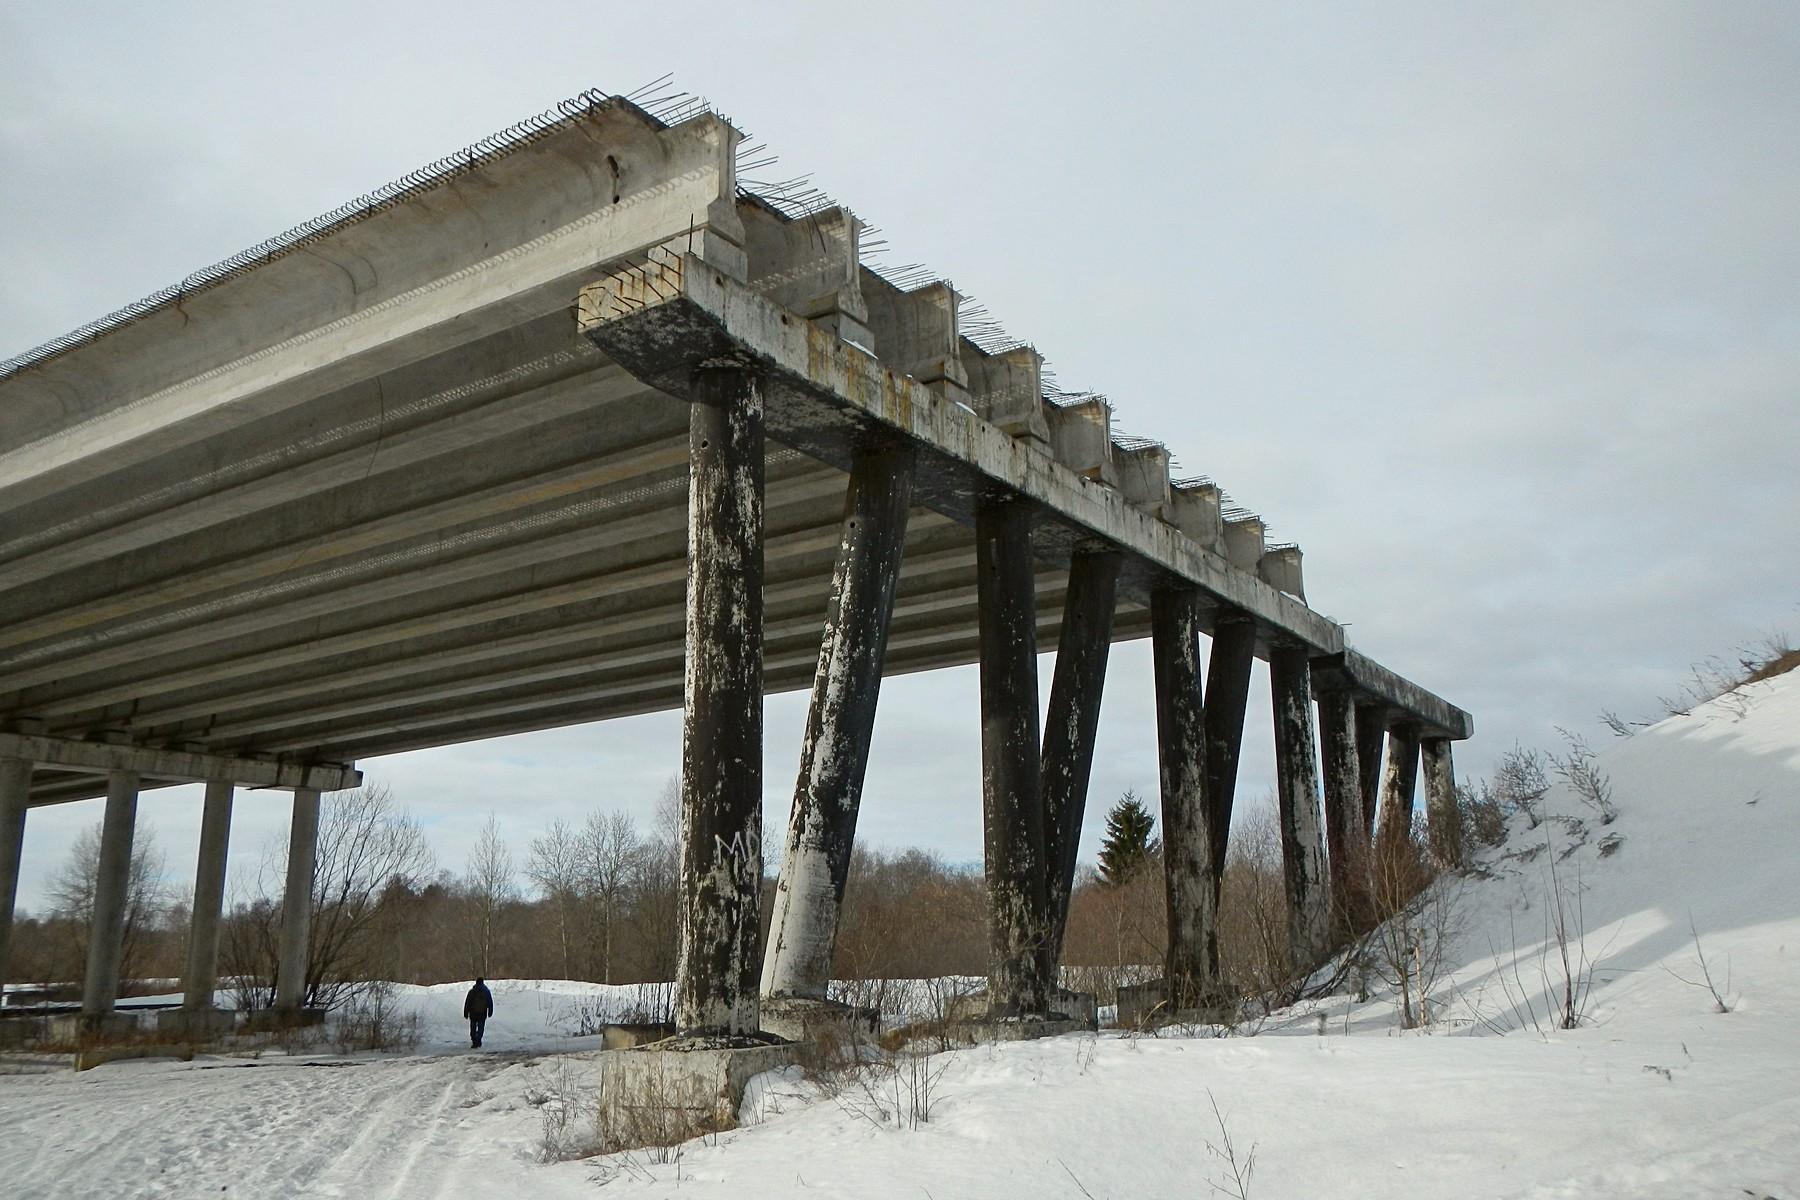 киров до ганино с вокзала